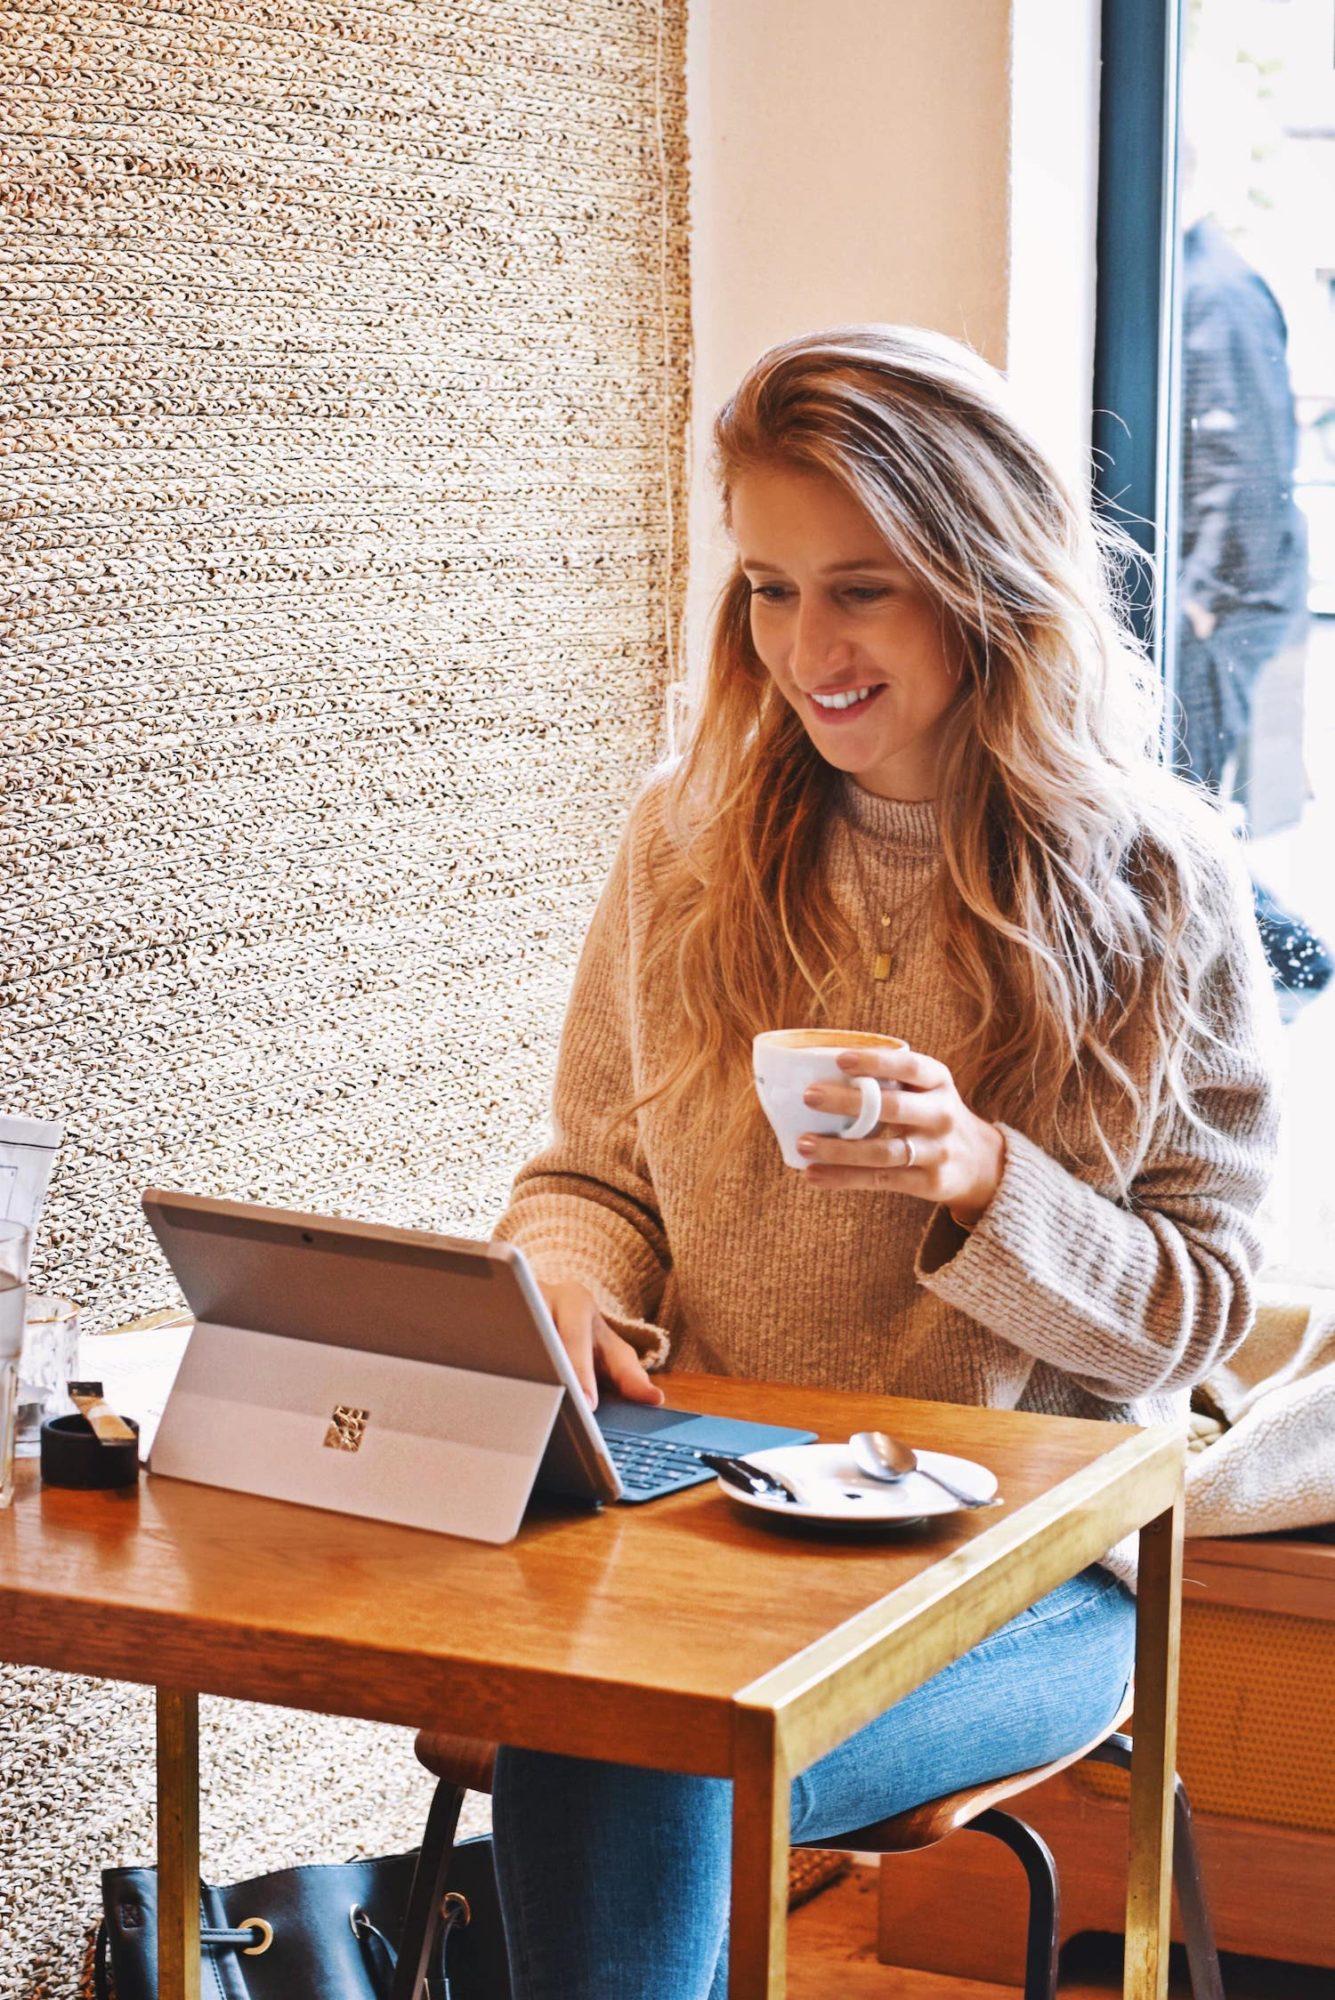 5 x koffietentjes in Amsterdam | Hotspots om als ZZP'er te werken